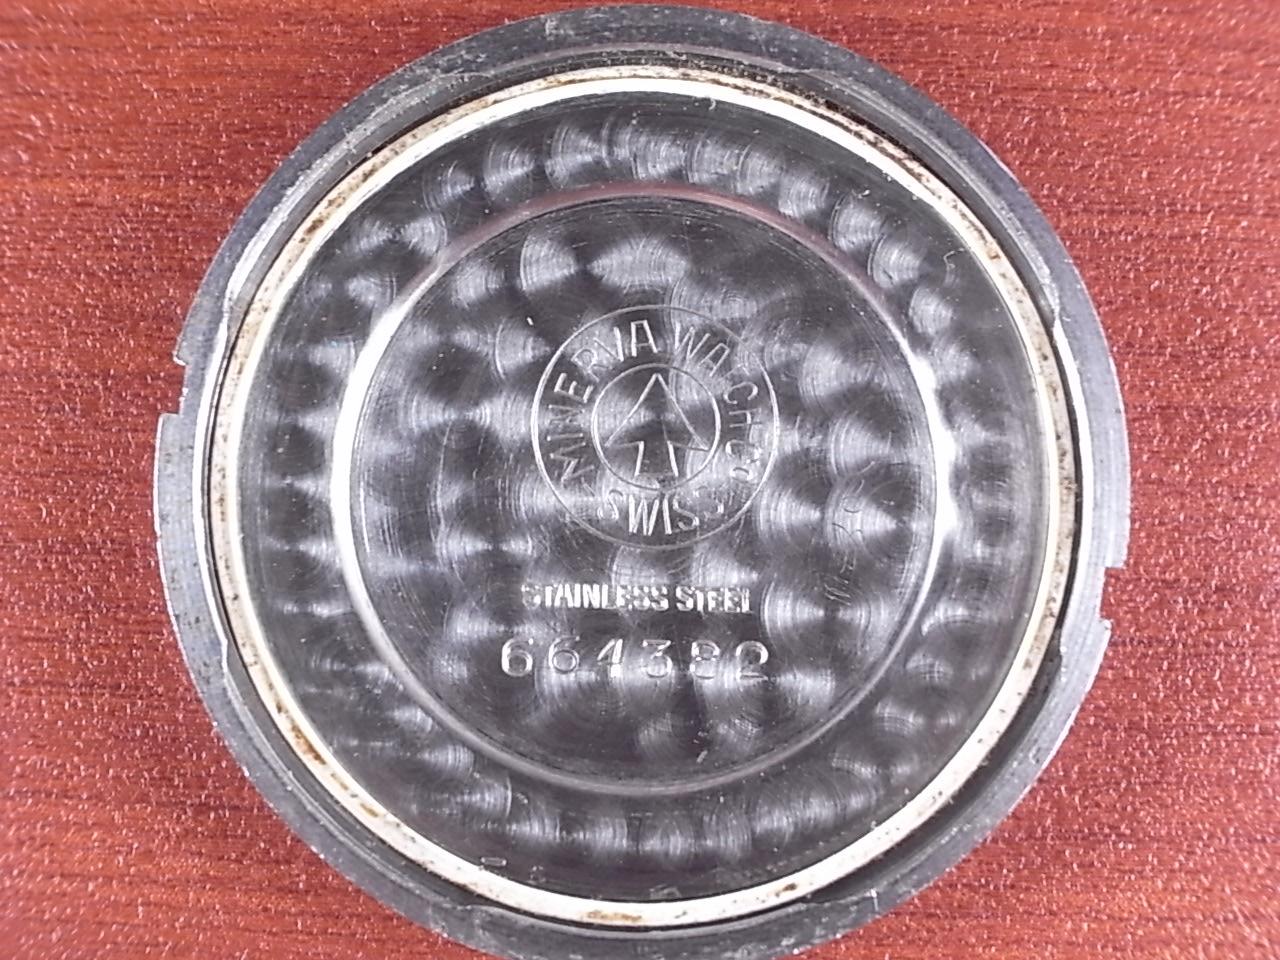 ミネルバ キャリバー49 ピンクダイアル ツイストバック 1940年代の写真6枚目